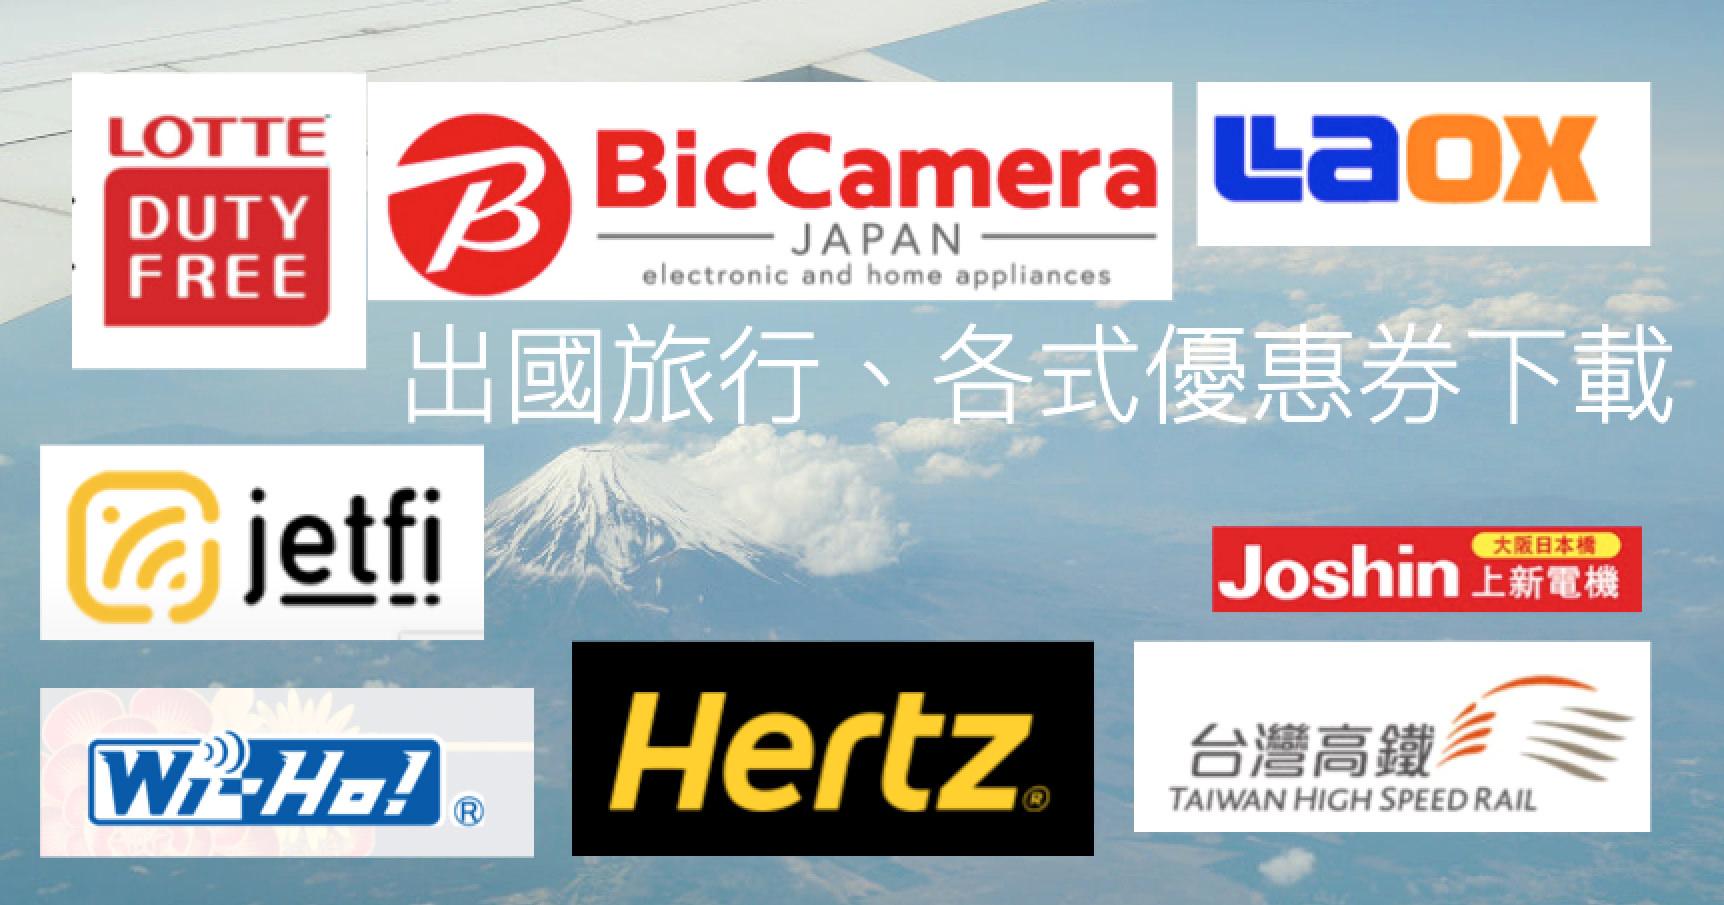 日本購物優惠券下載集中區、出國上網及全世界租車優惠整理